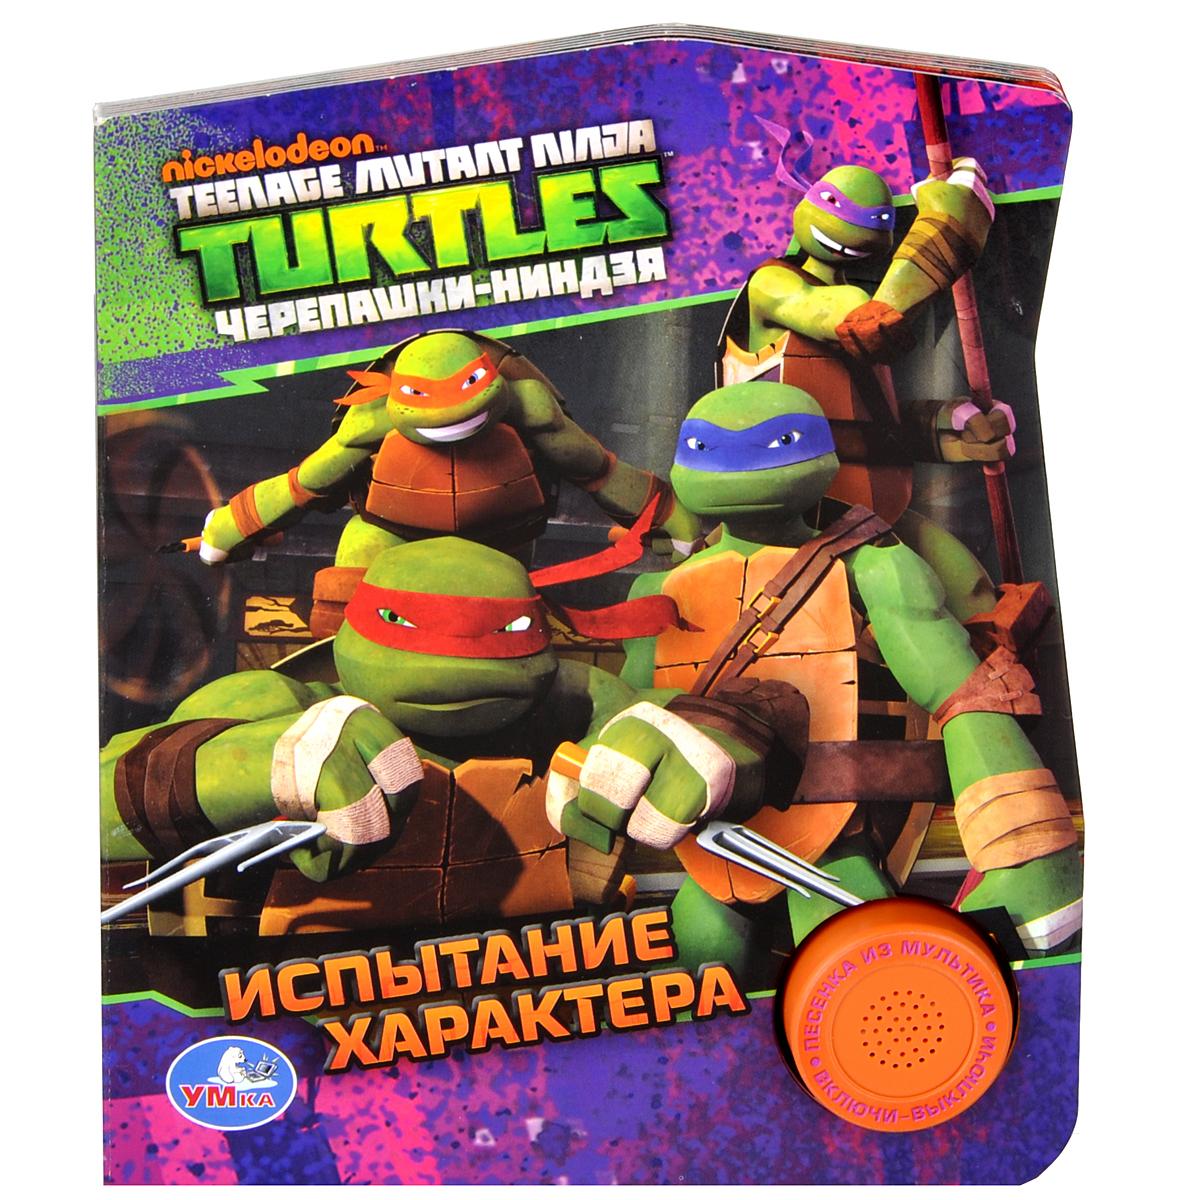 Топ лучших  популярных игрушек черепашки Ниндзя